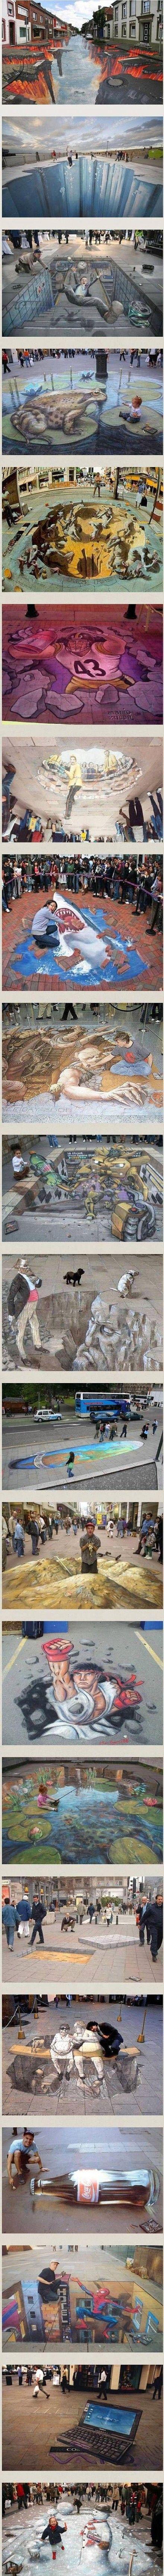 een zeer realistisch schilderij op een straat. Het lijkt echt als of je in een afgrond of andere dimensie stapt, echt zeer mooi gemaakt